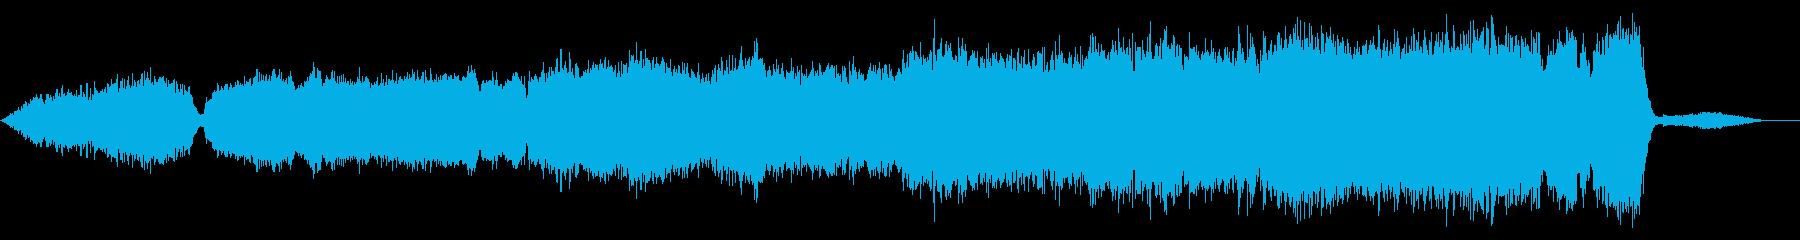 映画サントラ風ストリングスオーケストラの再生済みの波形